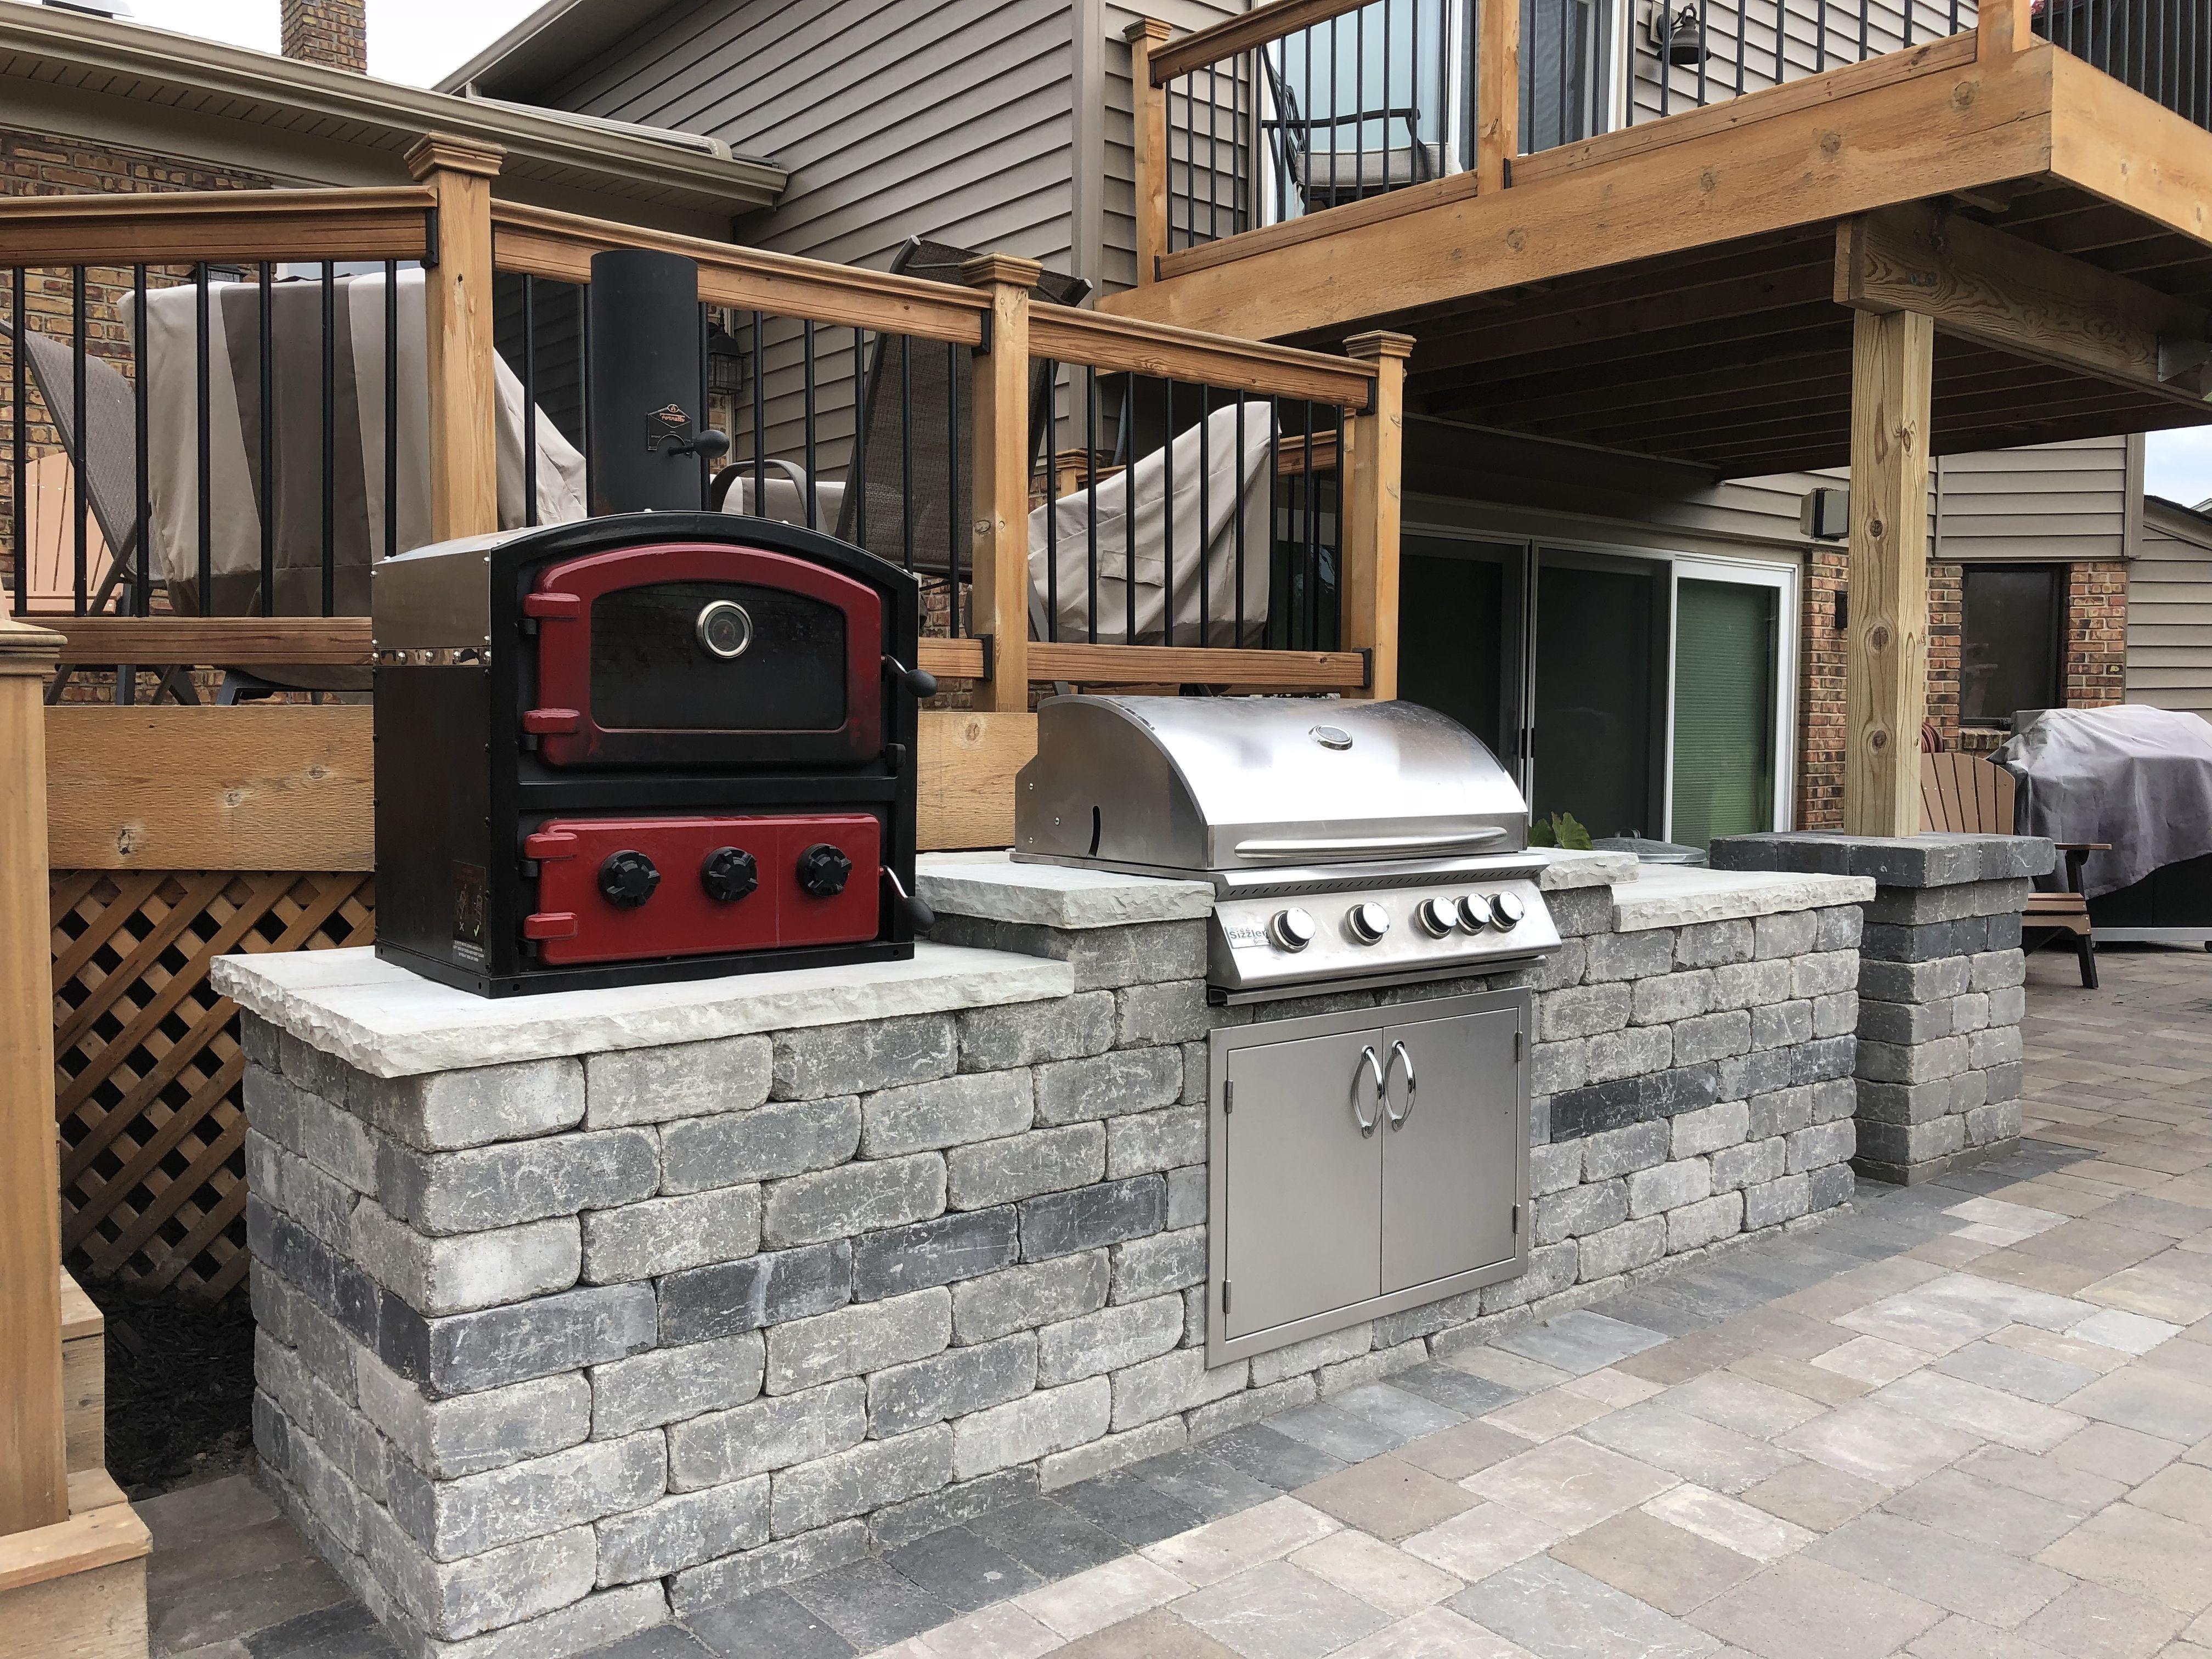 Brick pavers grill station   Brick paver patio, Brick ... on Patio Grill Station id=33409